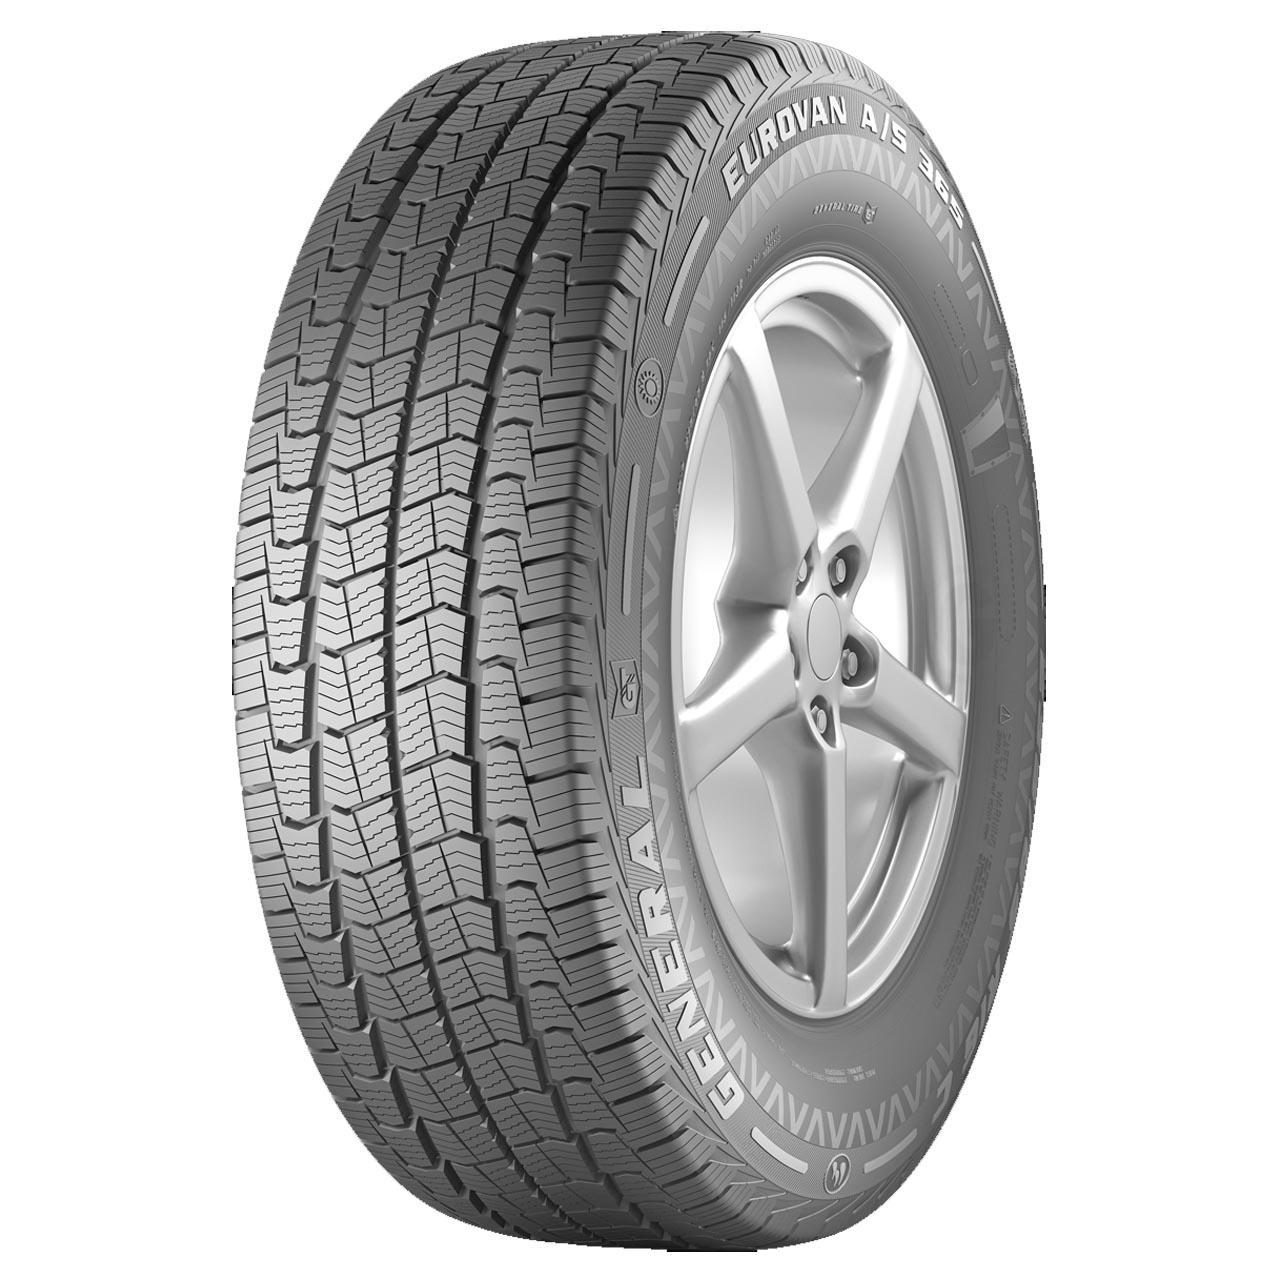 General Tire Eurovan AS 365 235/65R16C 115/113R